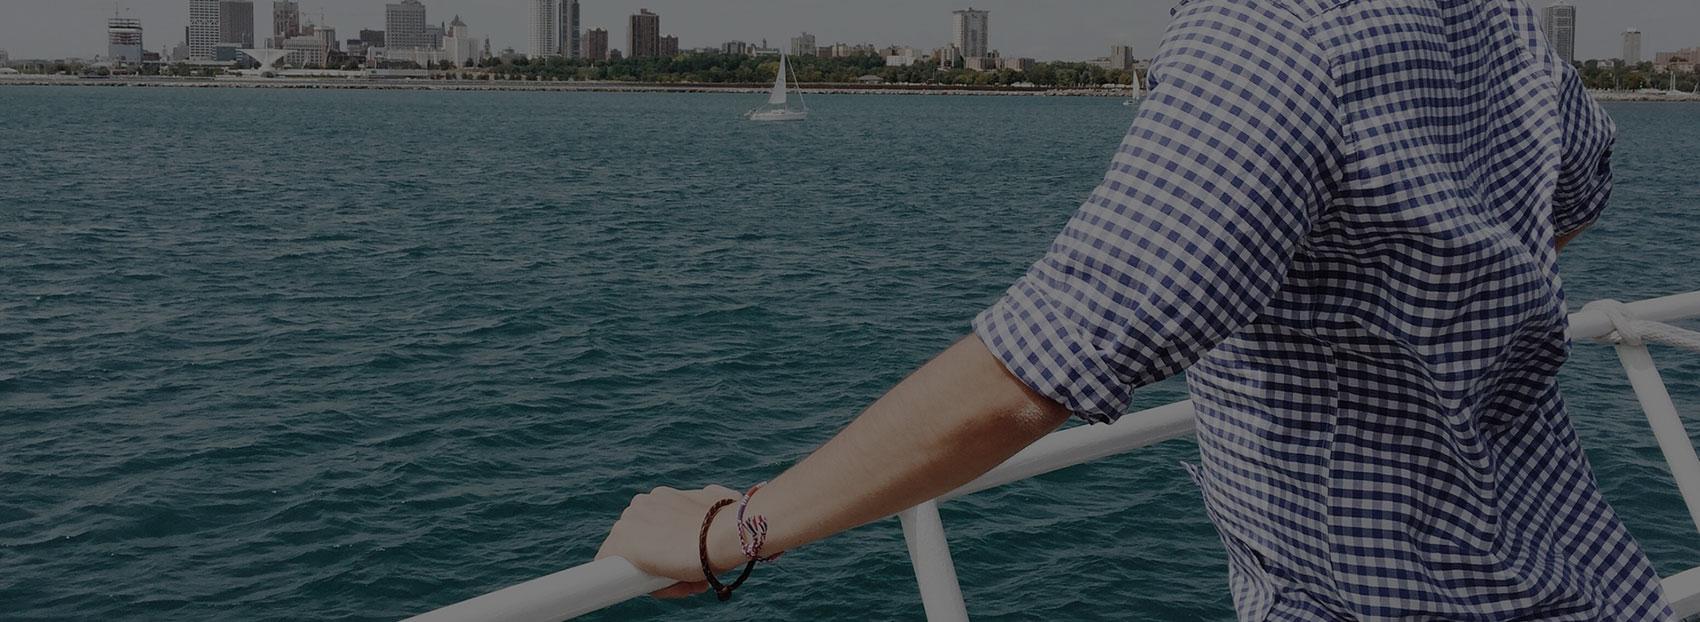 taxatie maritiem expert